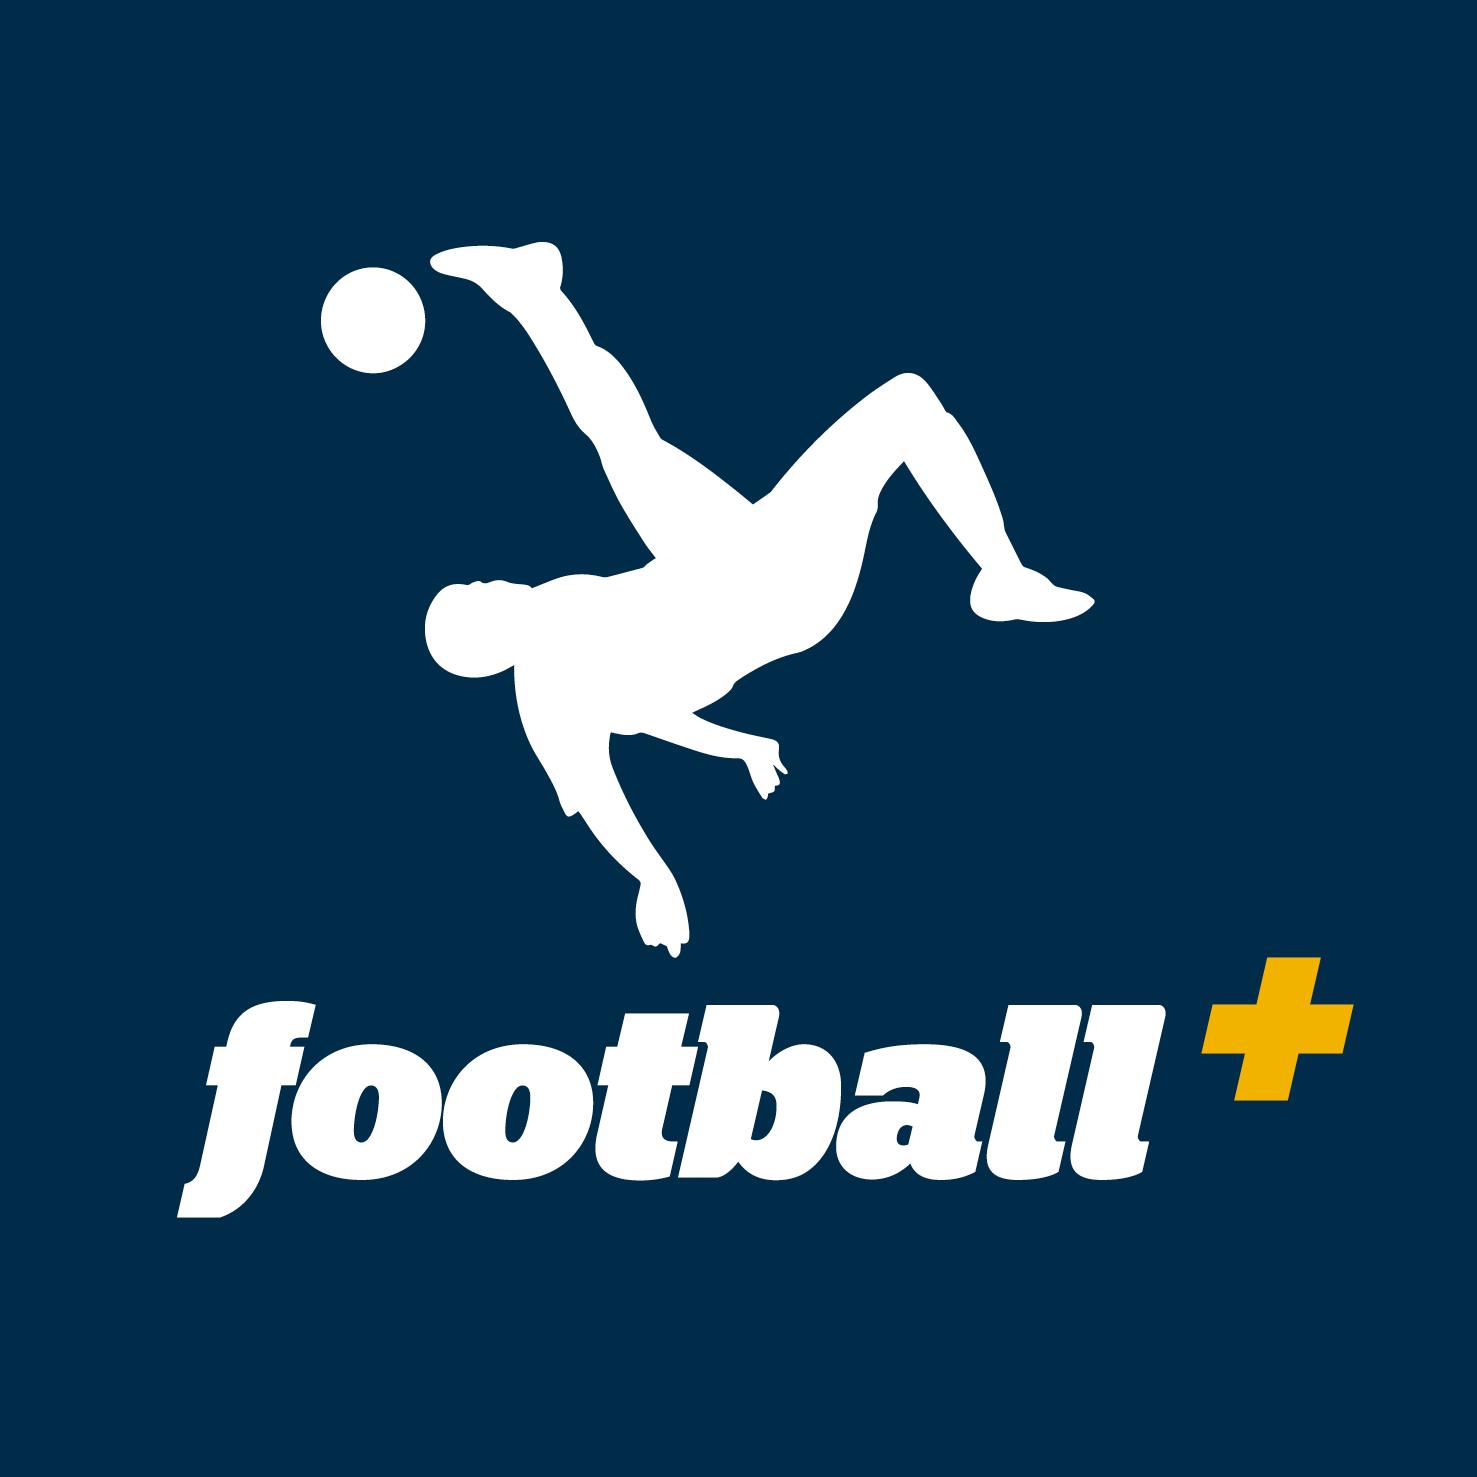 Inscrição Football+